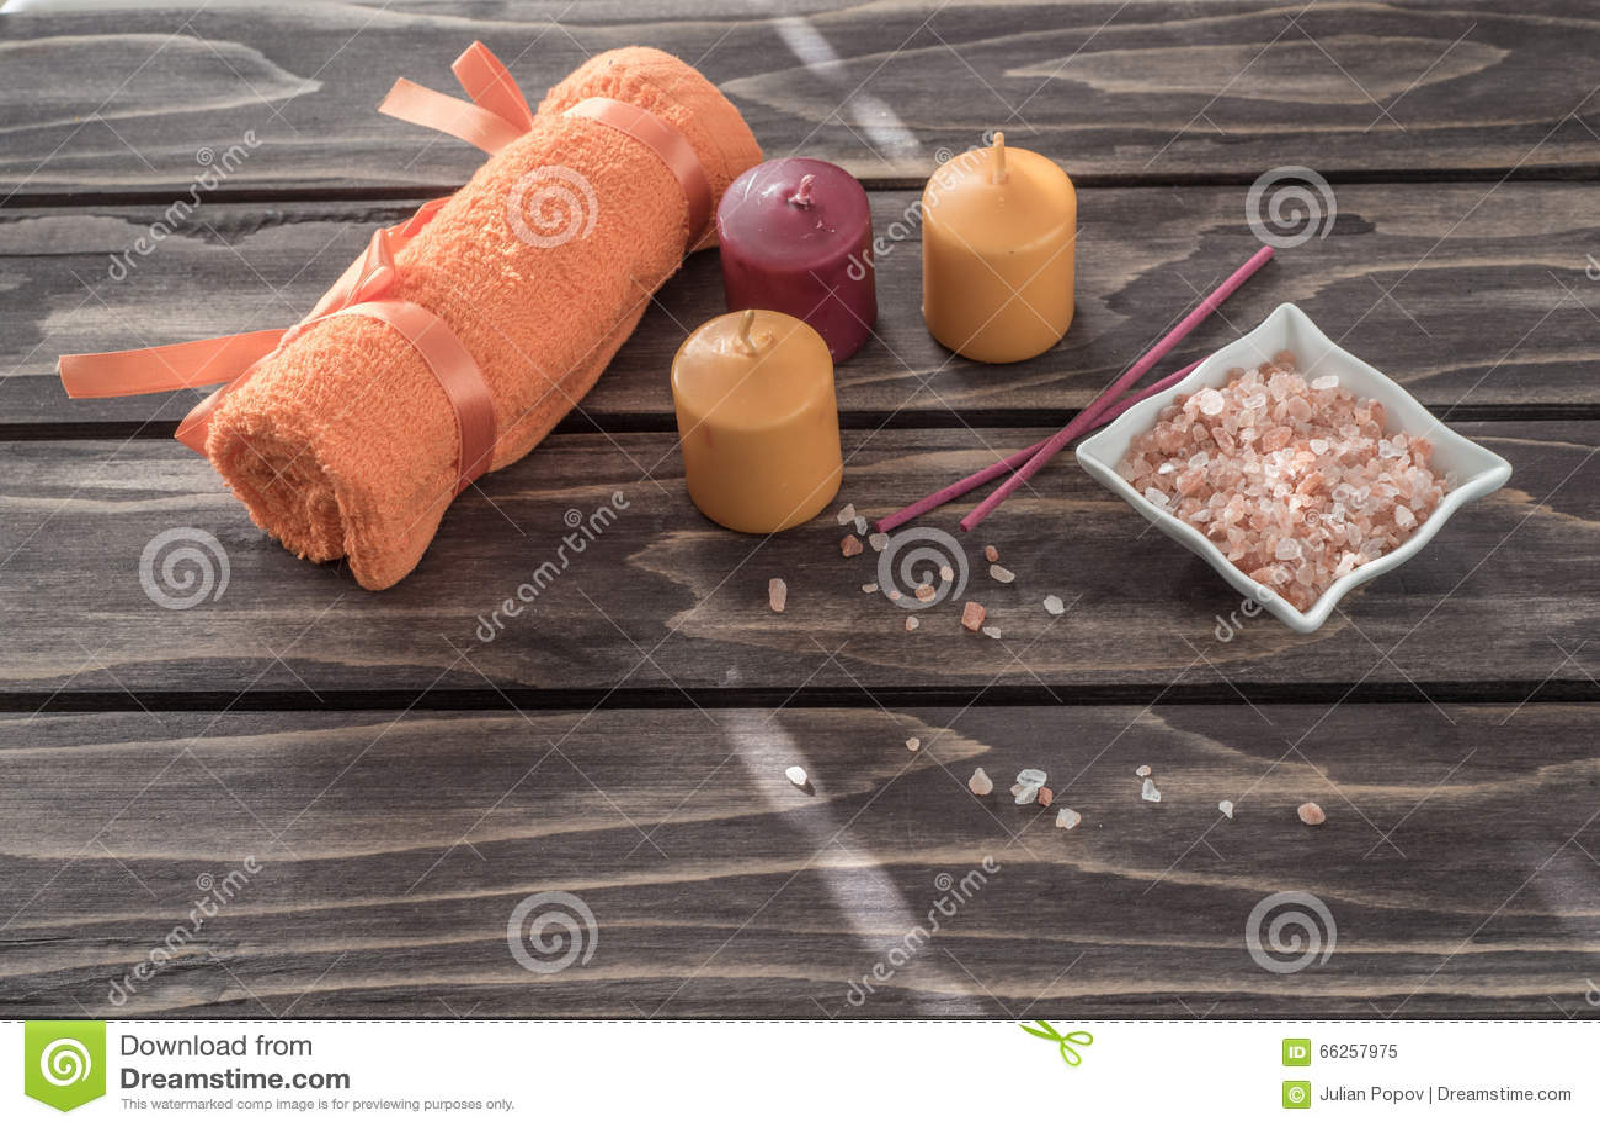 Принципиальная схема спы свечи, ароматичное соль, и оранжевое полотенце